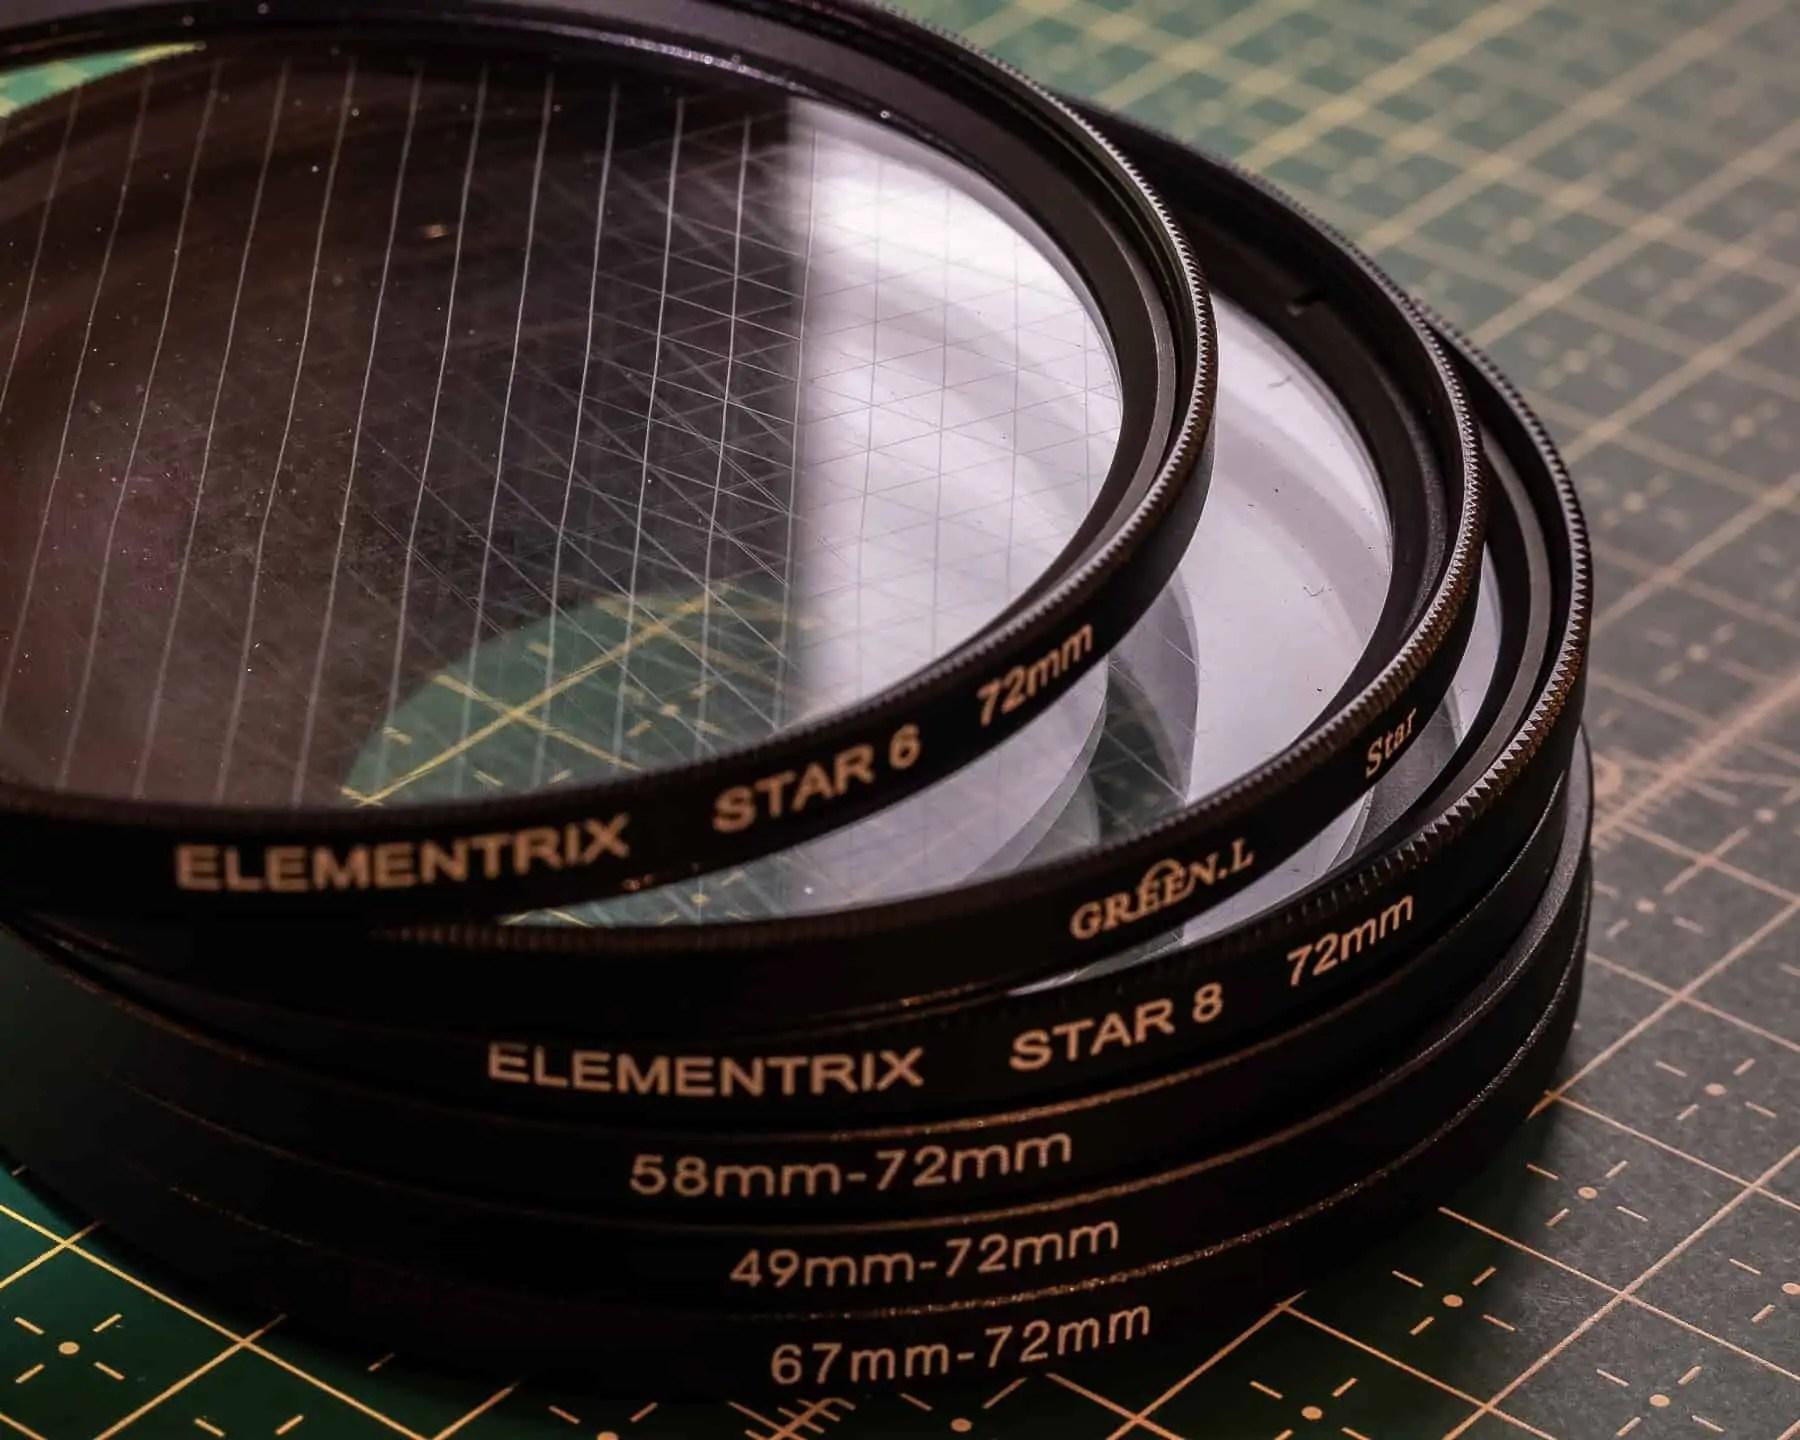 Filtr gwiazdkowy w fotografii filtr elementrix i filtr green makro 2 - Długi czas naświetlania zdjęcia - 3 długie ekspozycje!